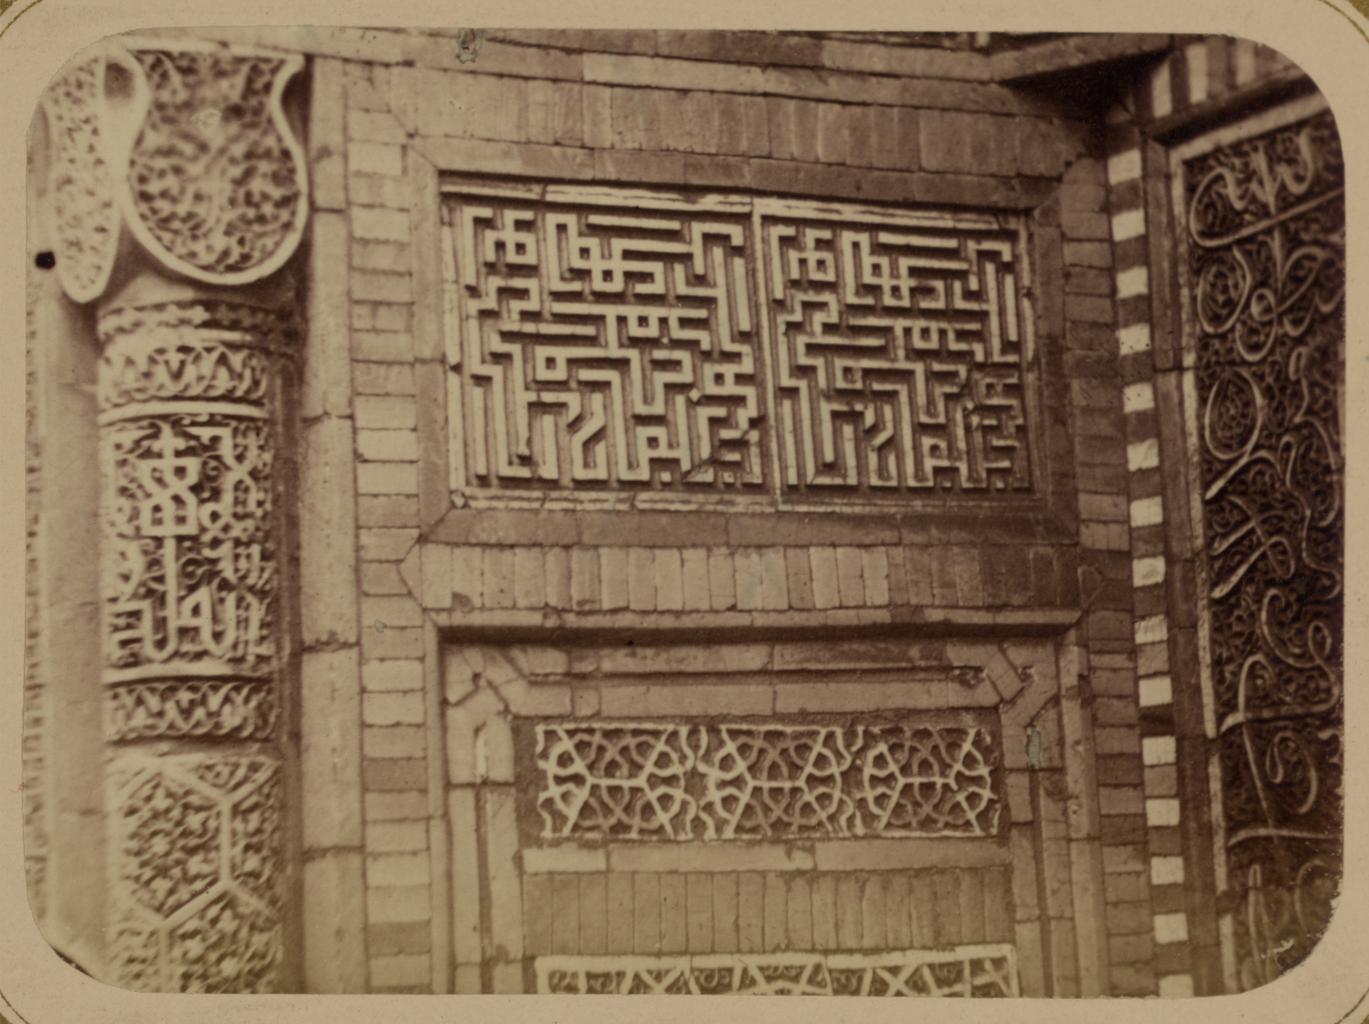 Мавзолей Ша-Арап. Детали разных частей фасада